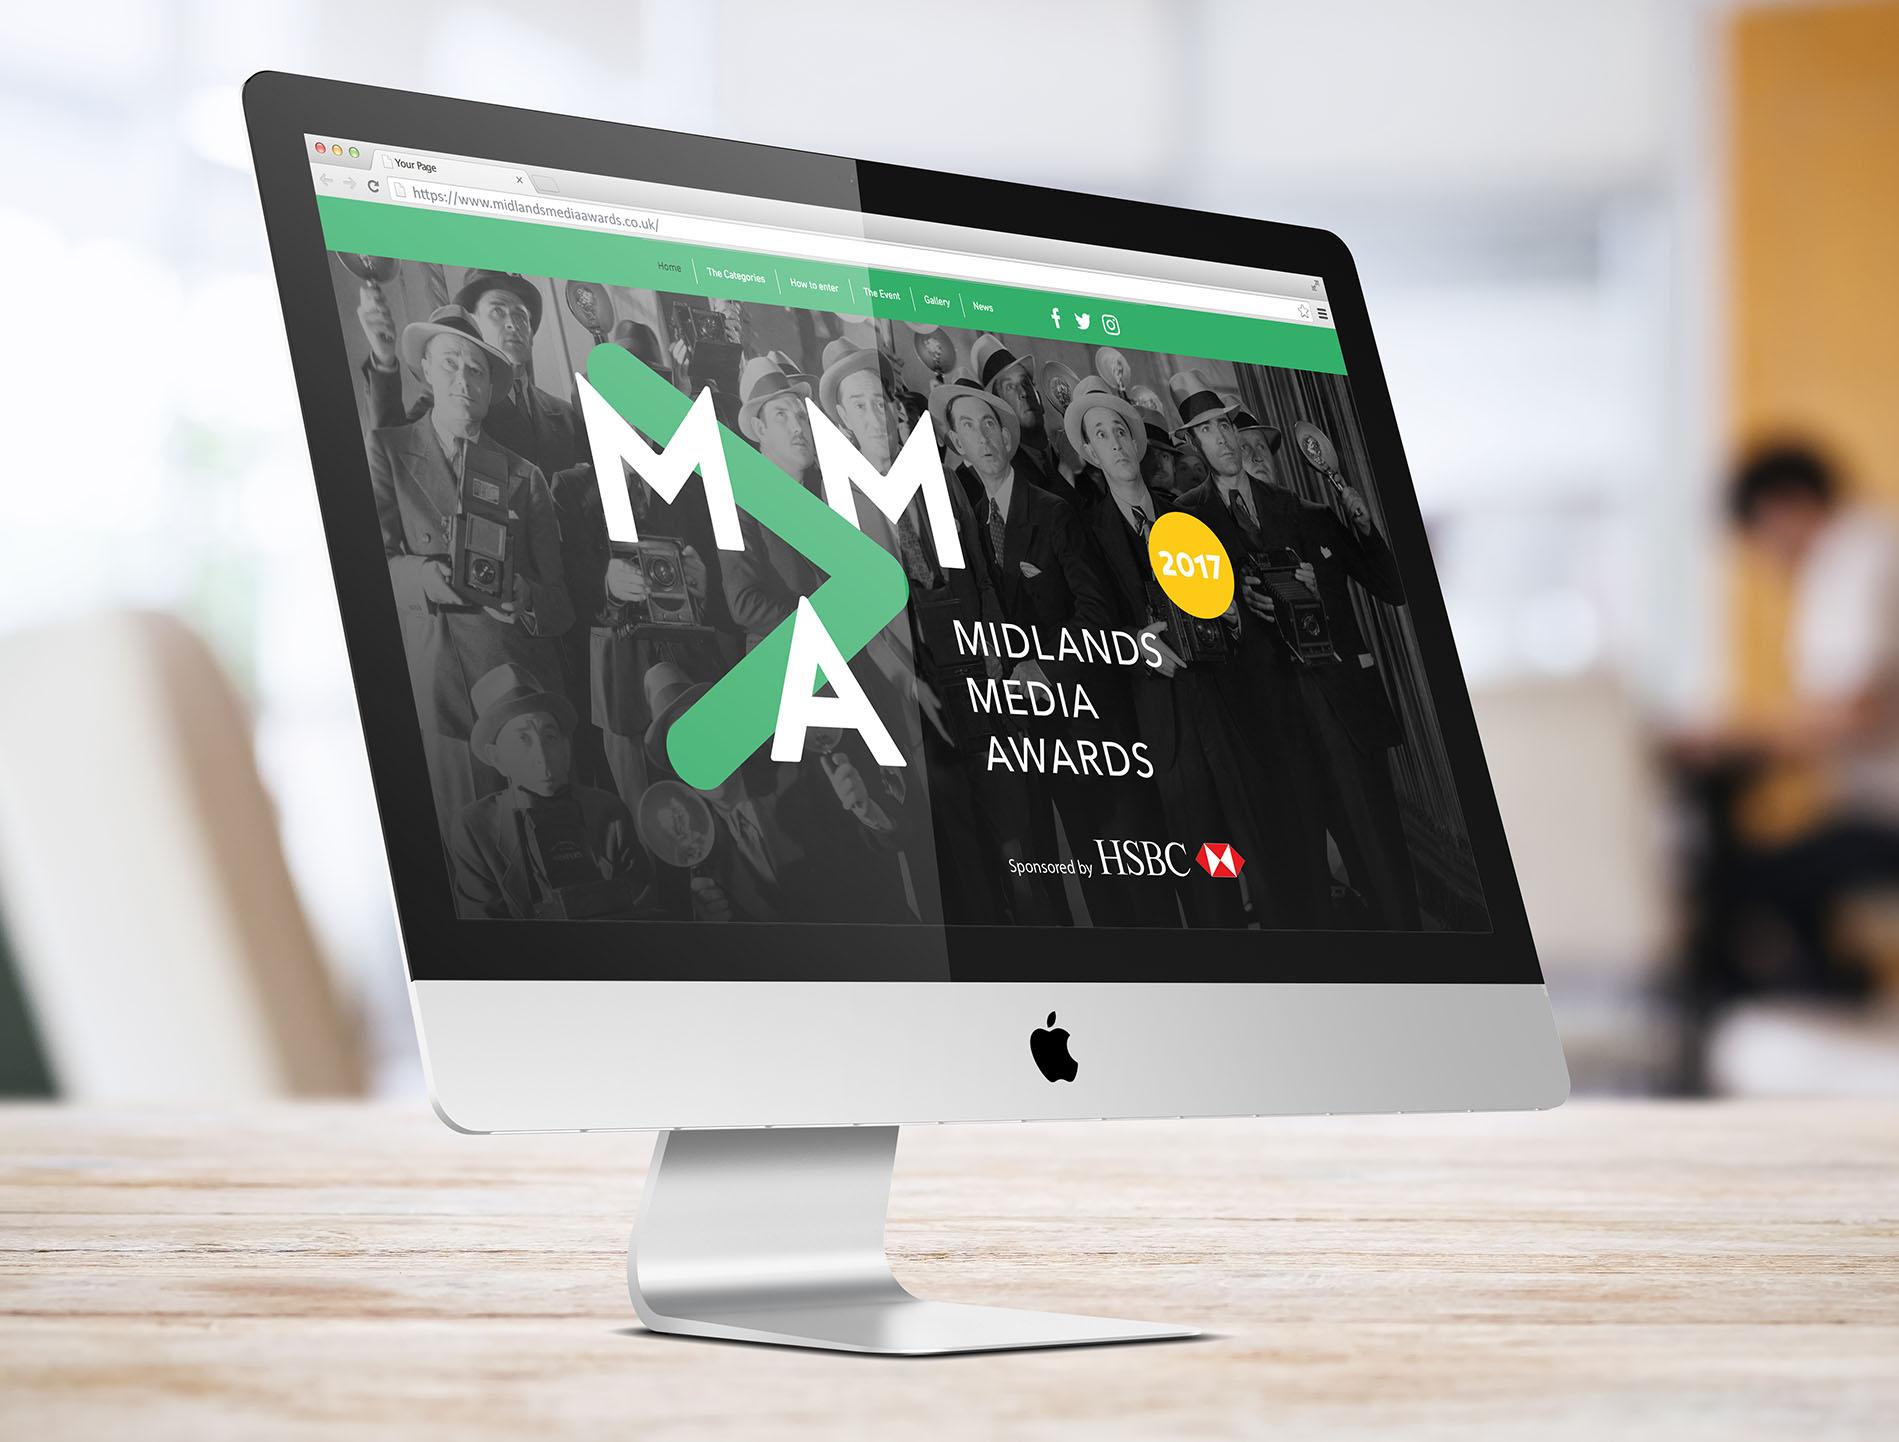 Midlands Media Awards 2017